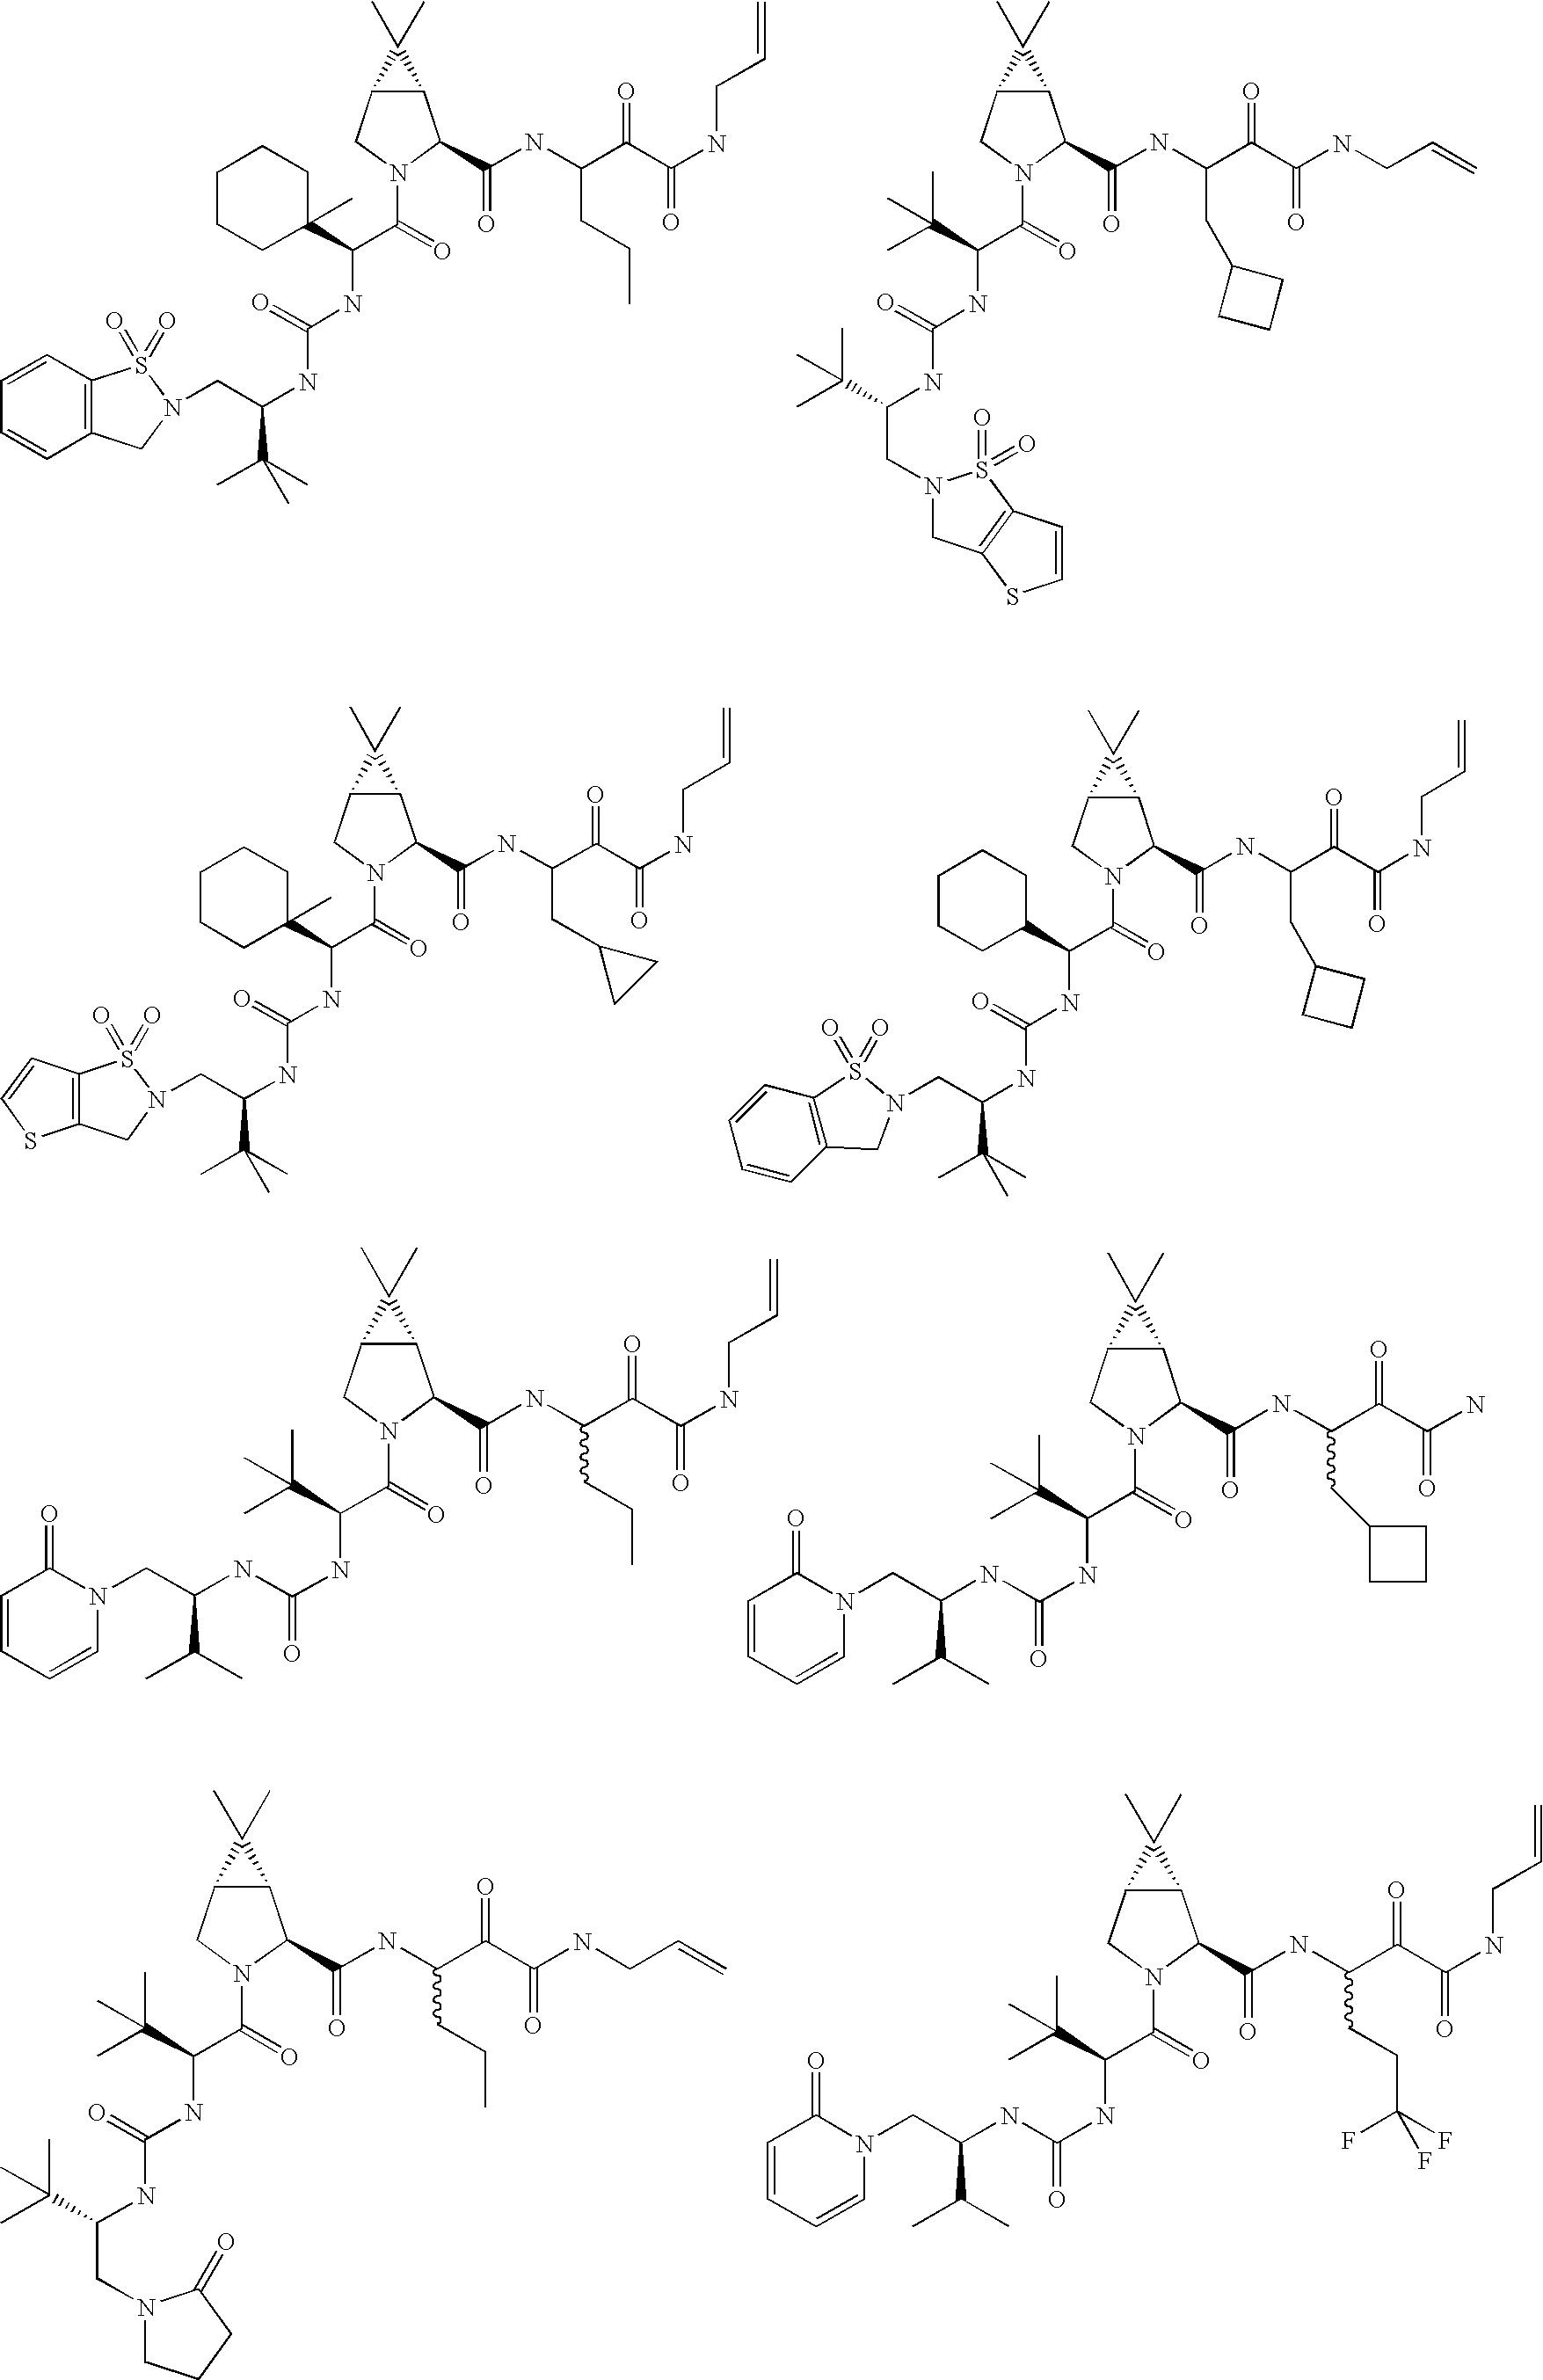 Figure US20060287248A1-20061221-C00406